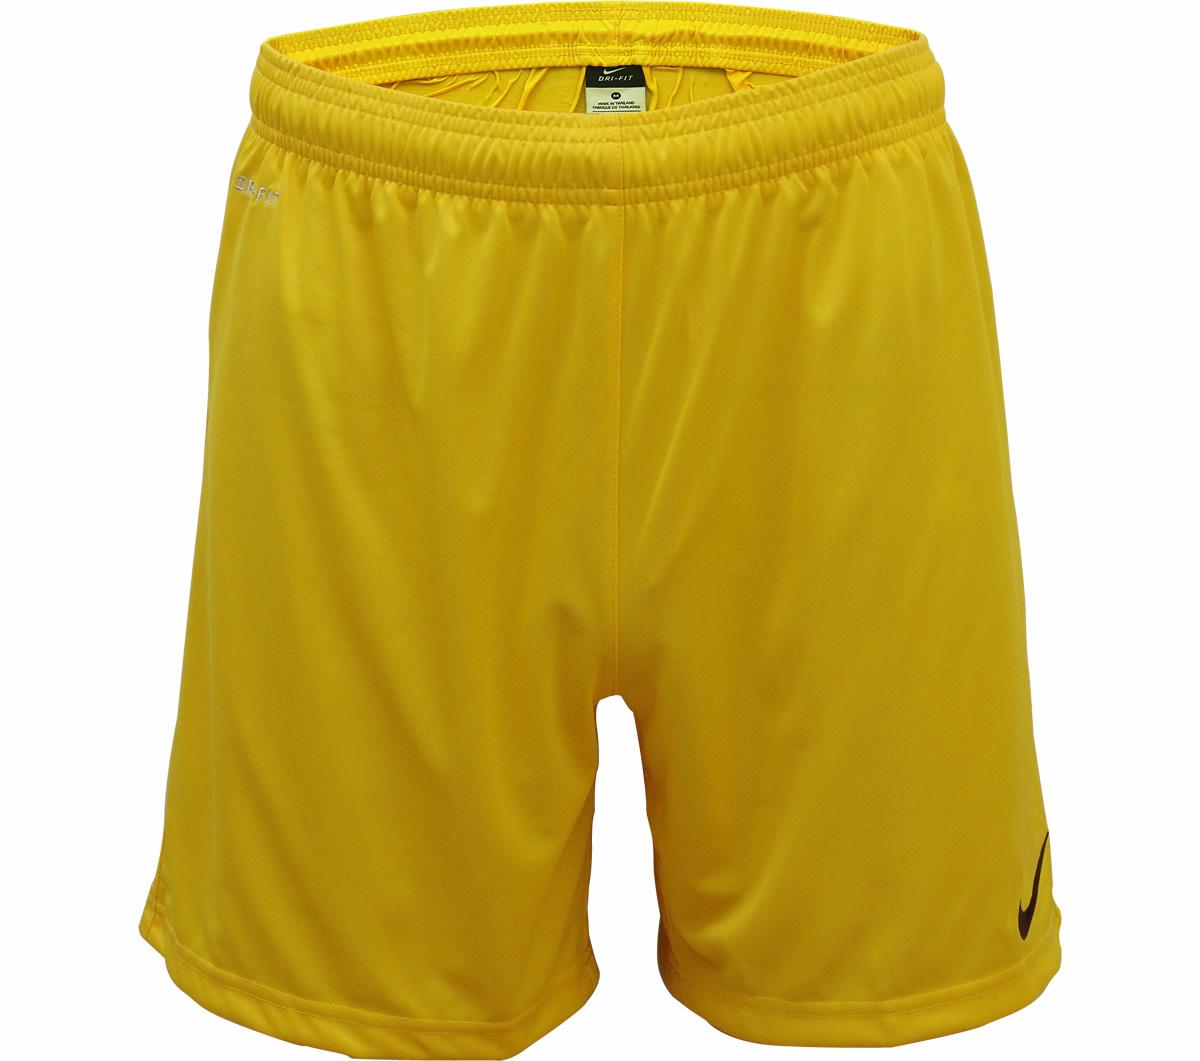 1e30f310a6 Calção Nike Park Knit Amarelo Calção Nike Park Knit Amarelo ...